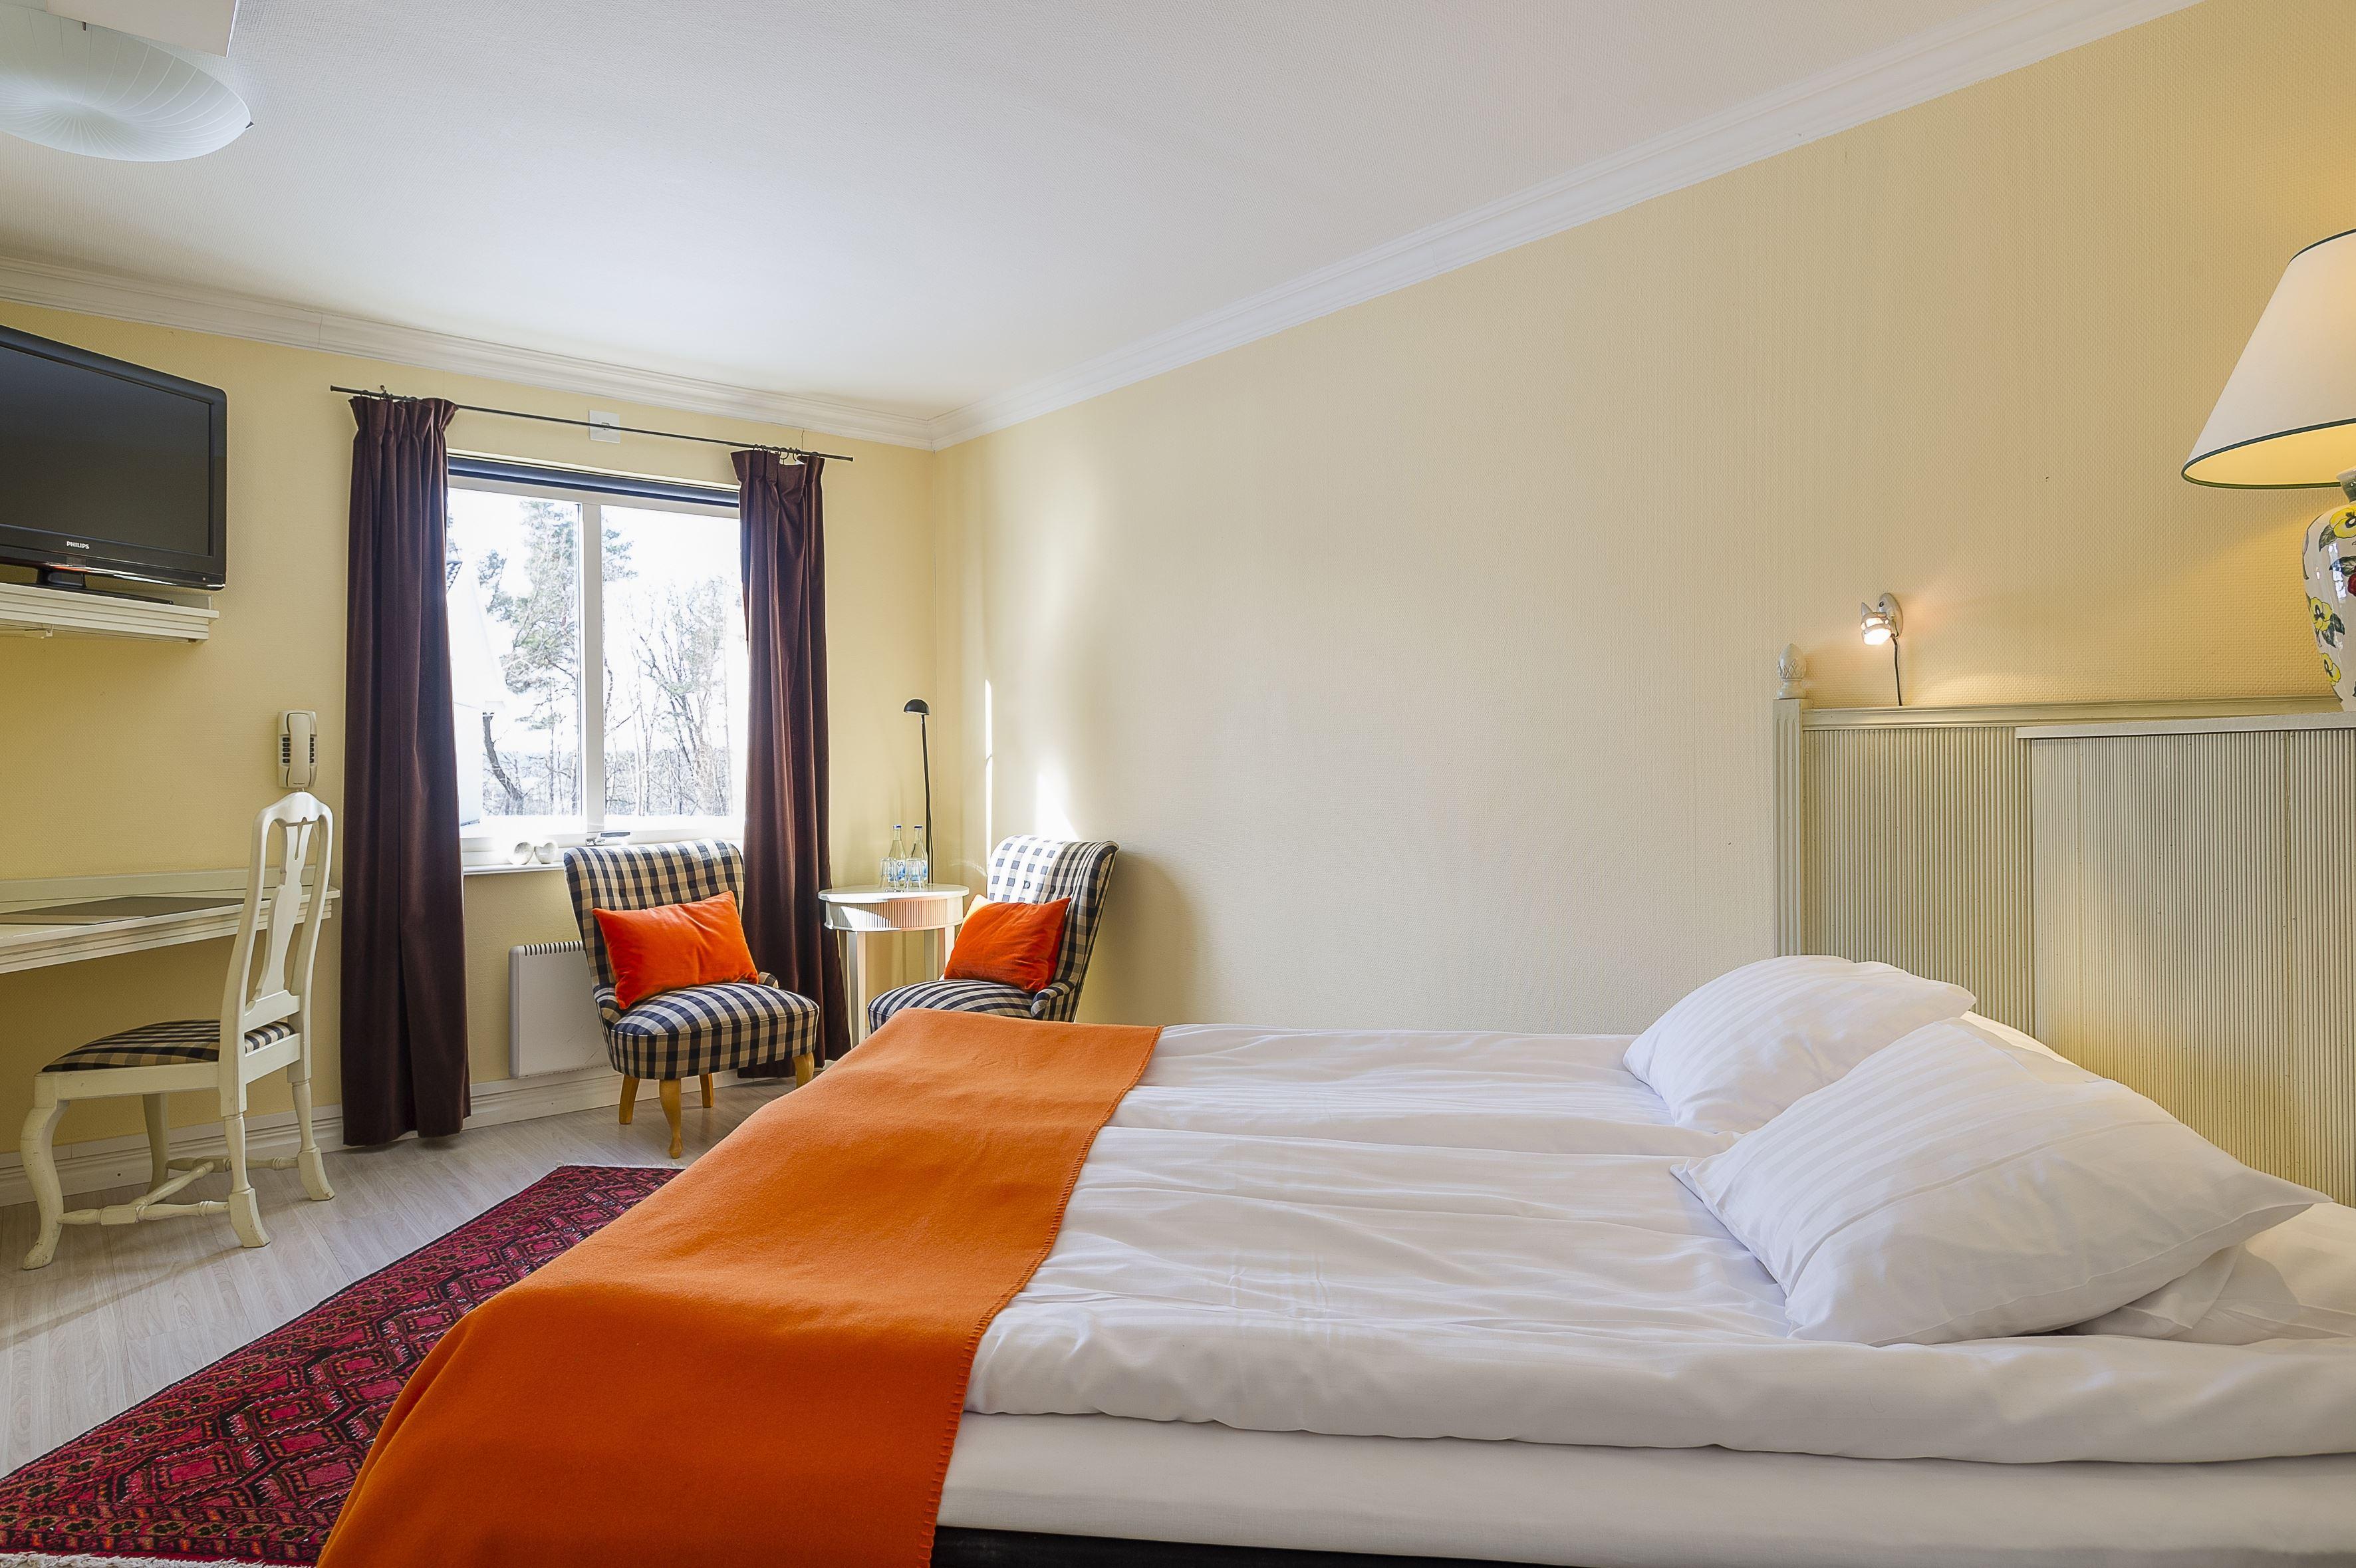 Blommenhof Hotell